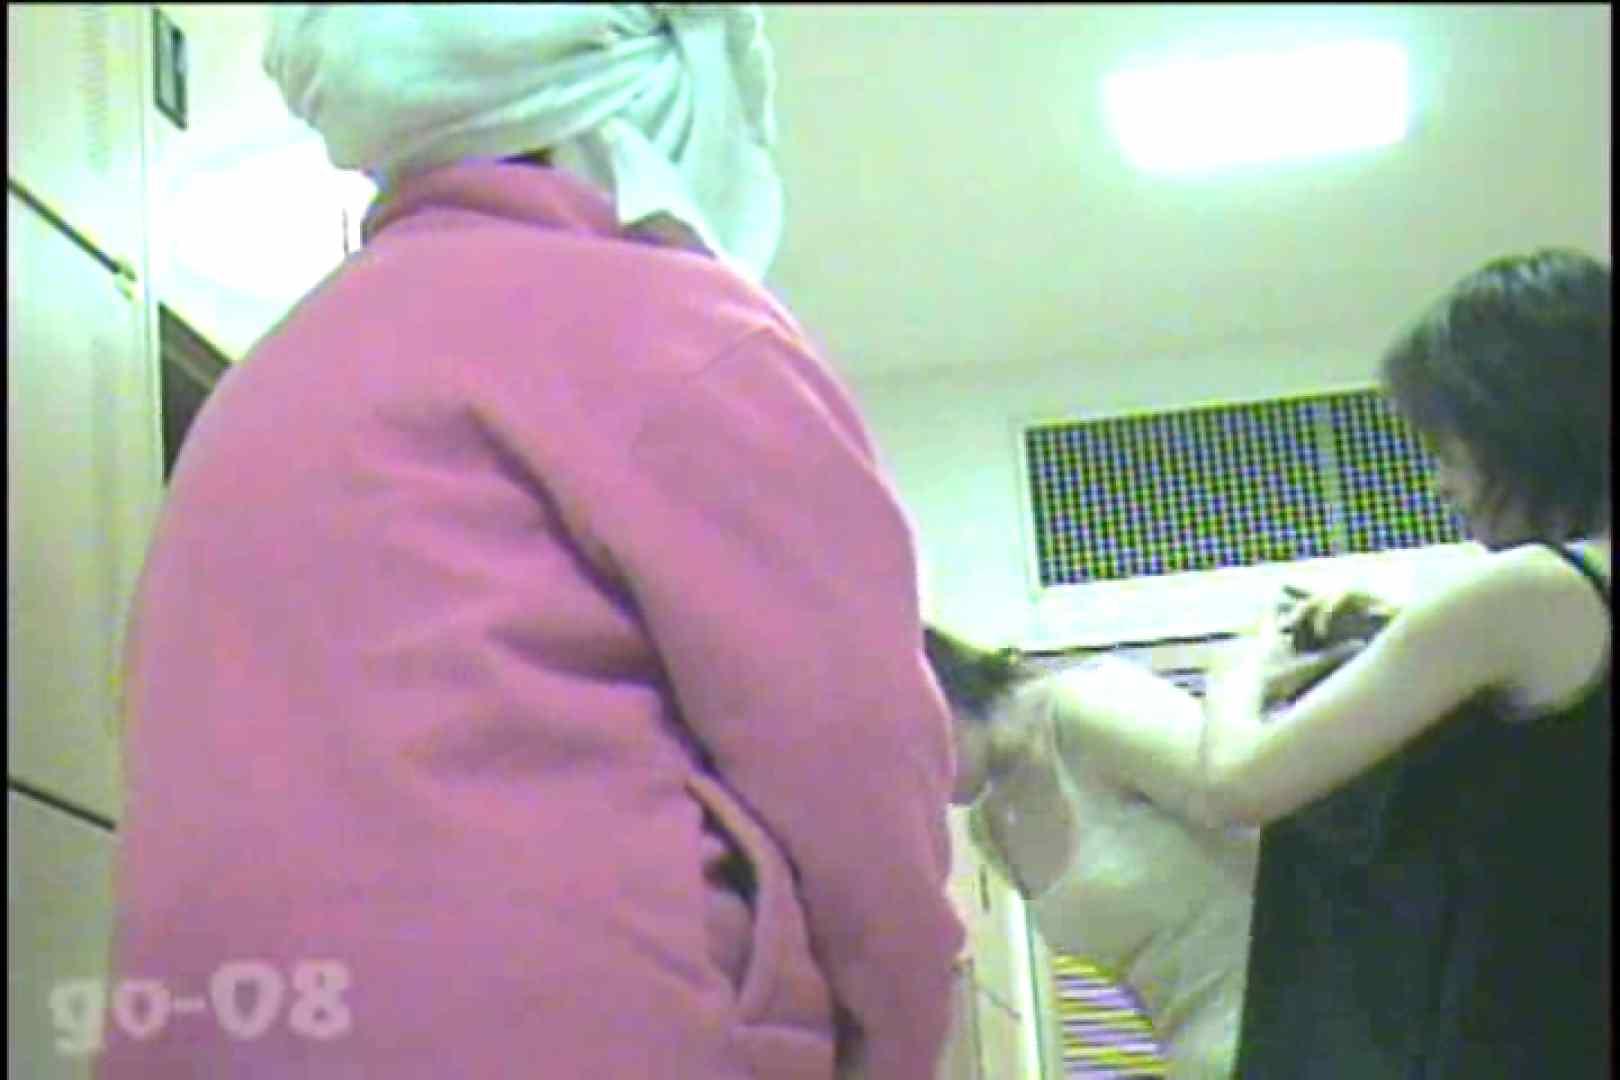 電波カメラ設置浴場からの防HAN映像 Vol.08 盗撮  101PIX 53